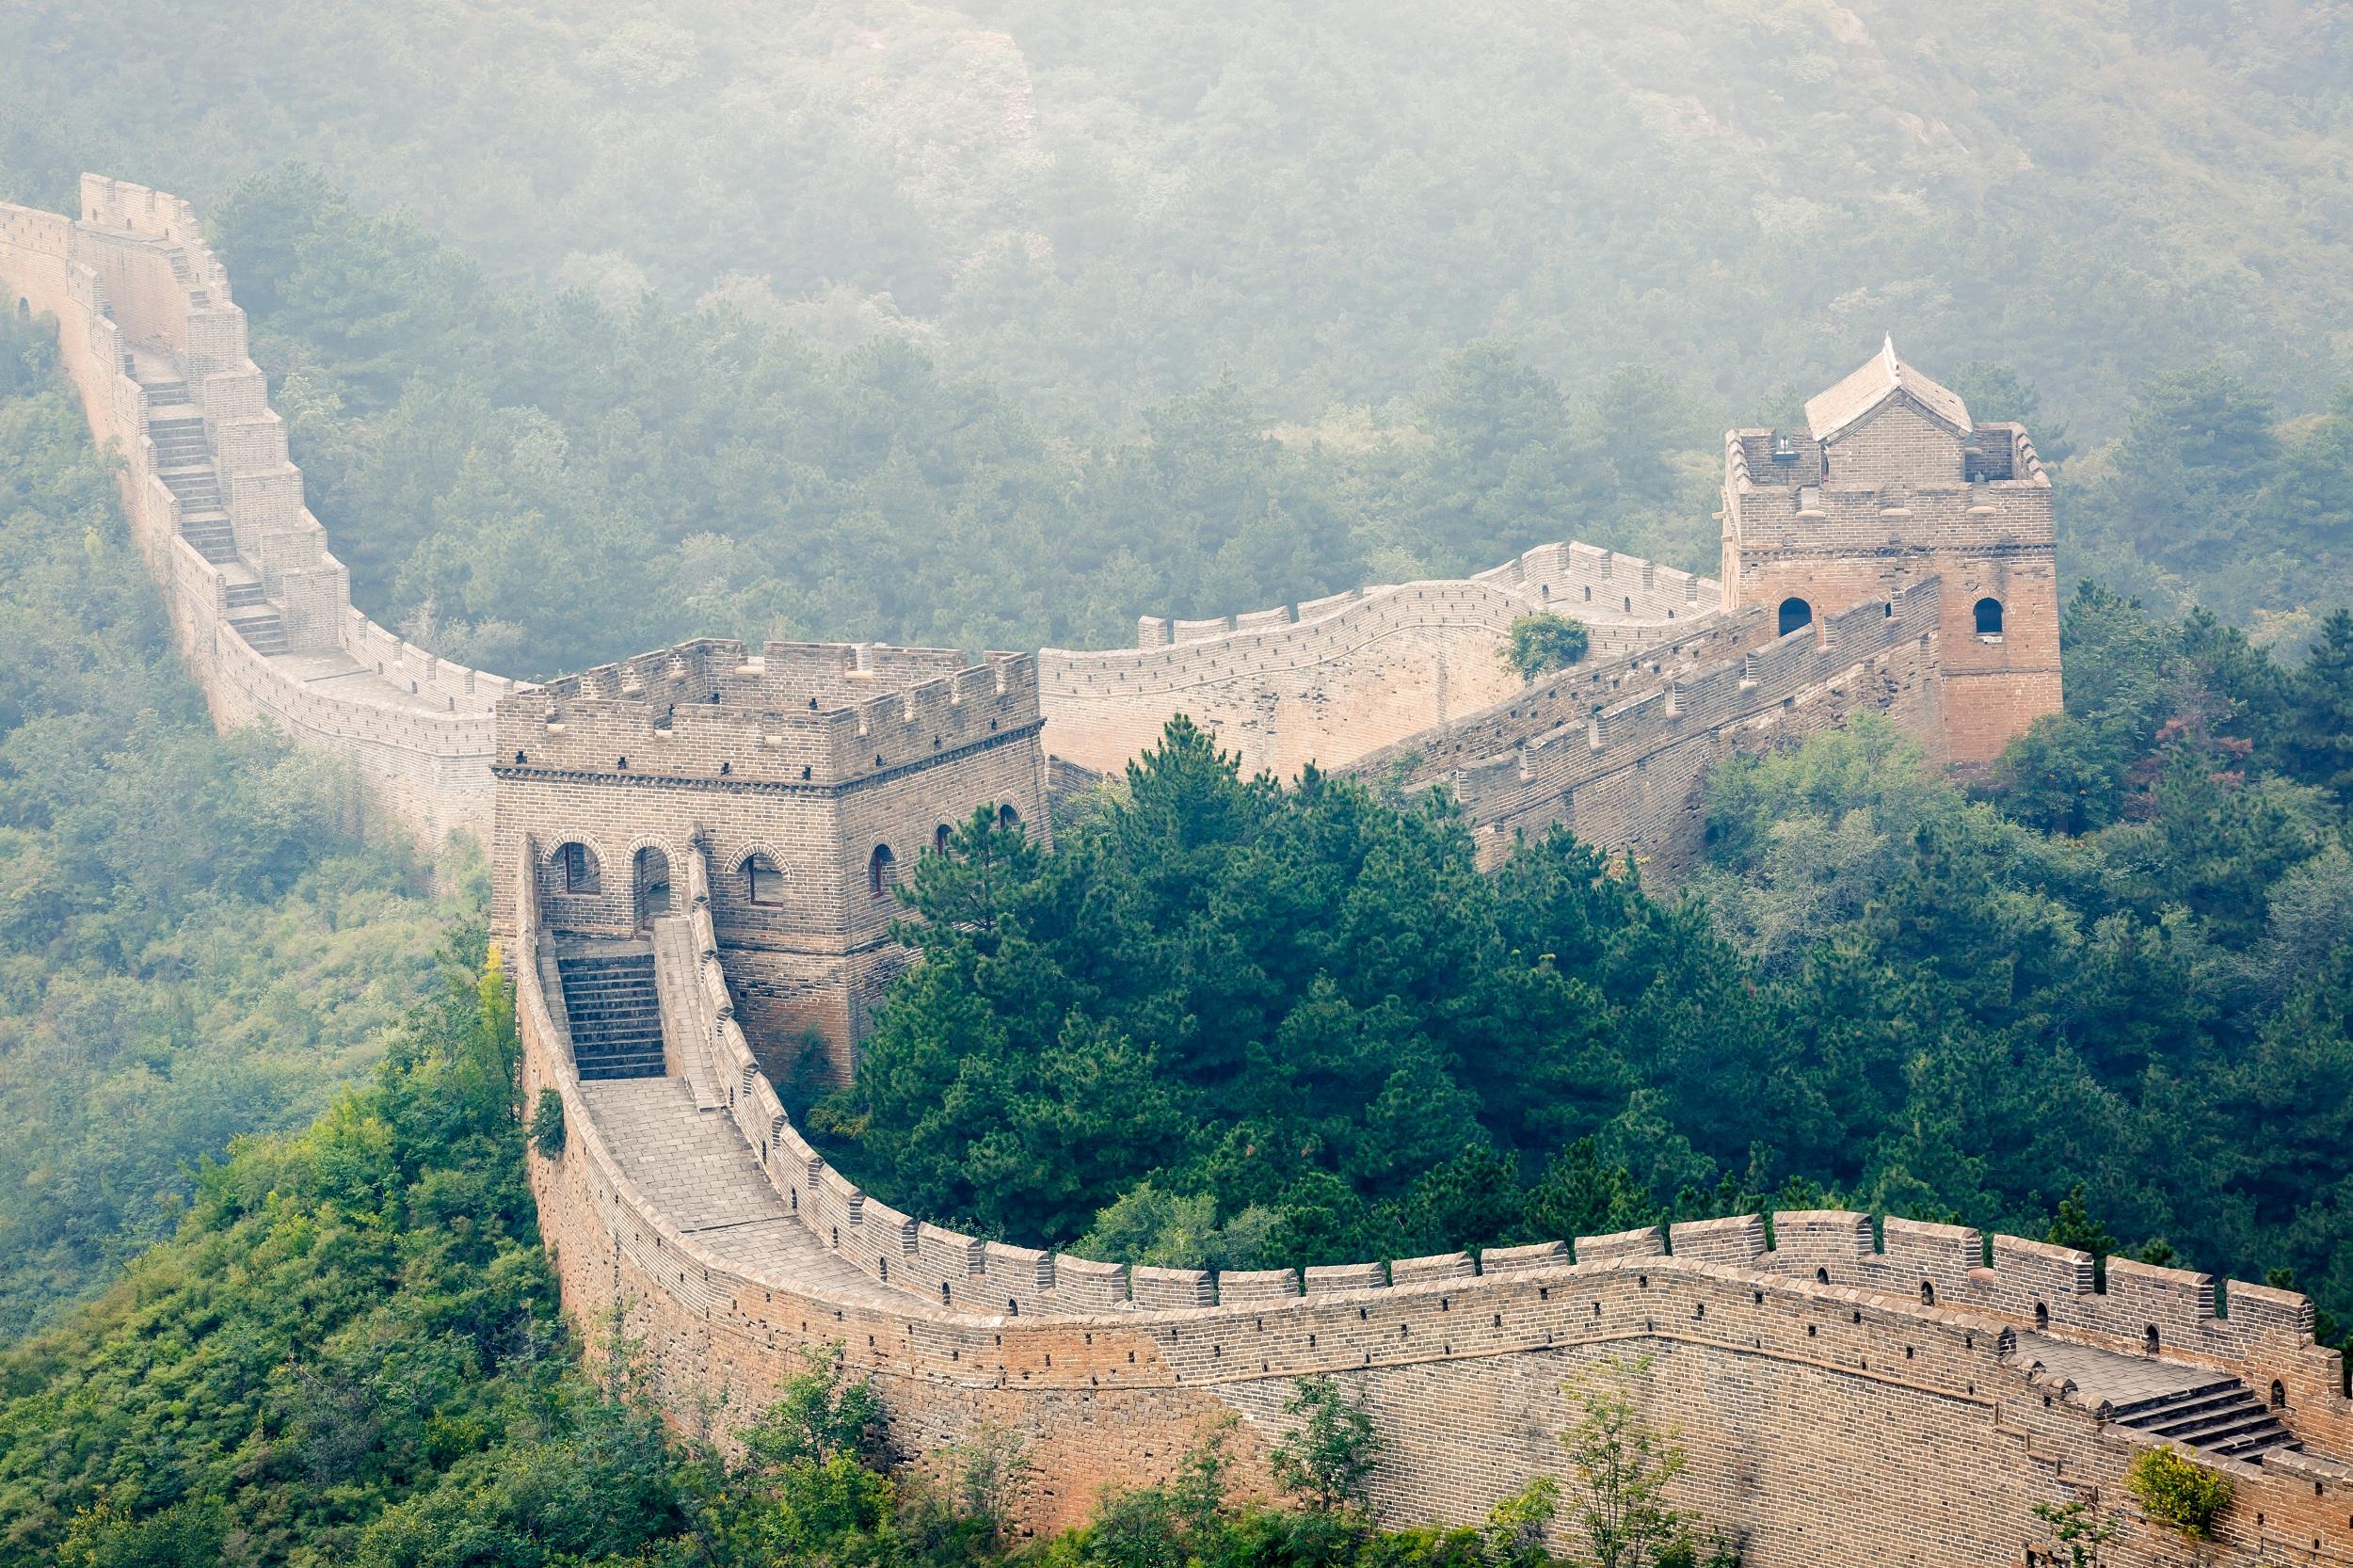 china wall photos hd free download